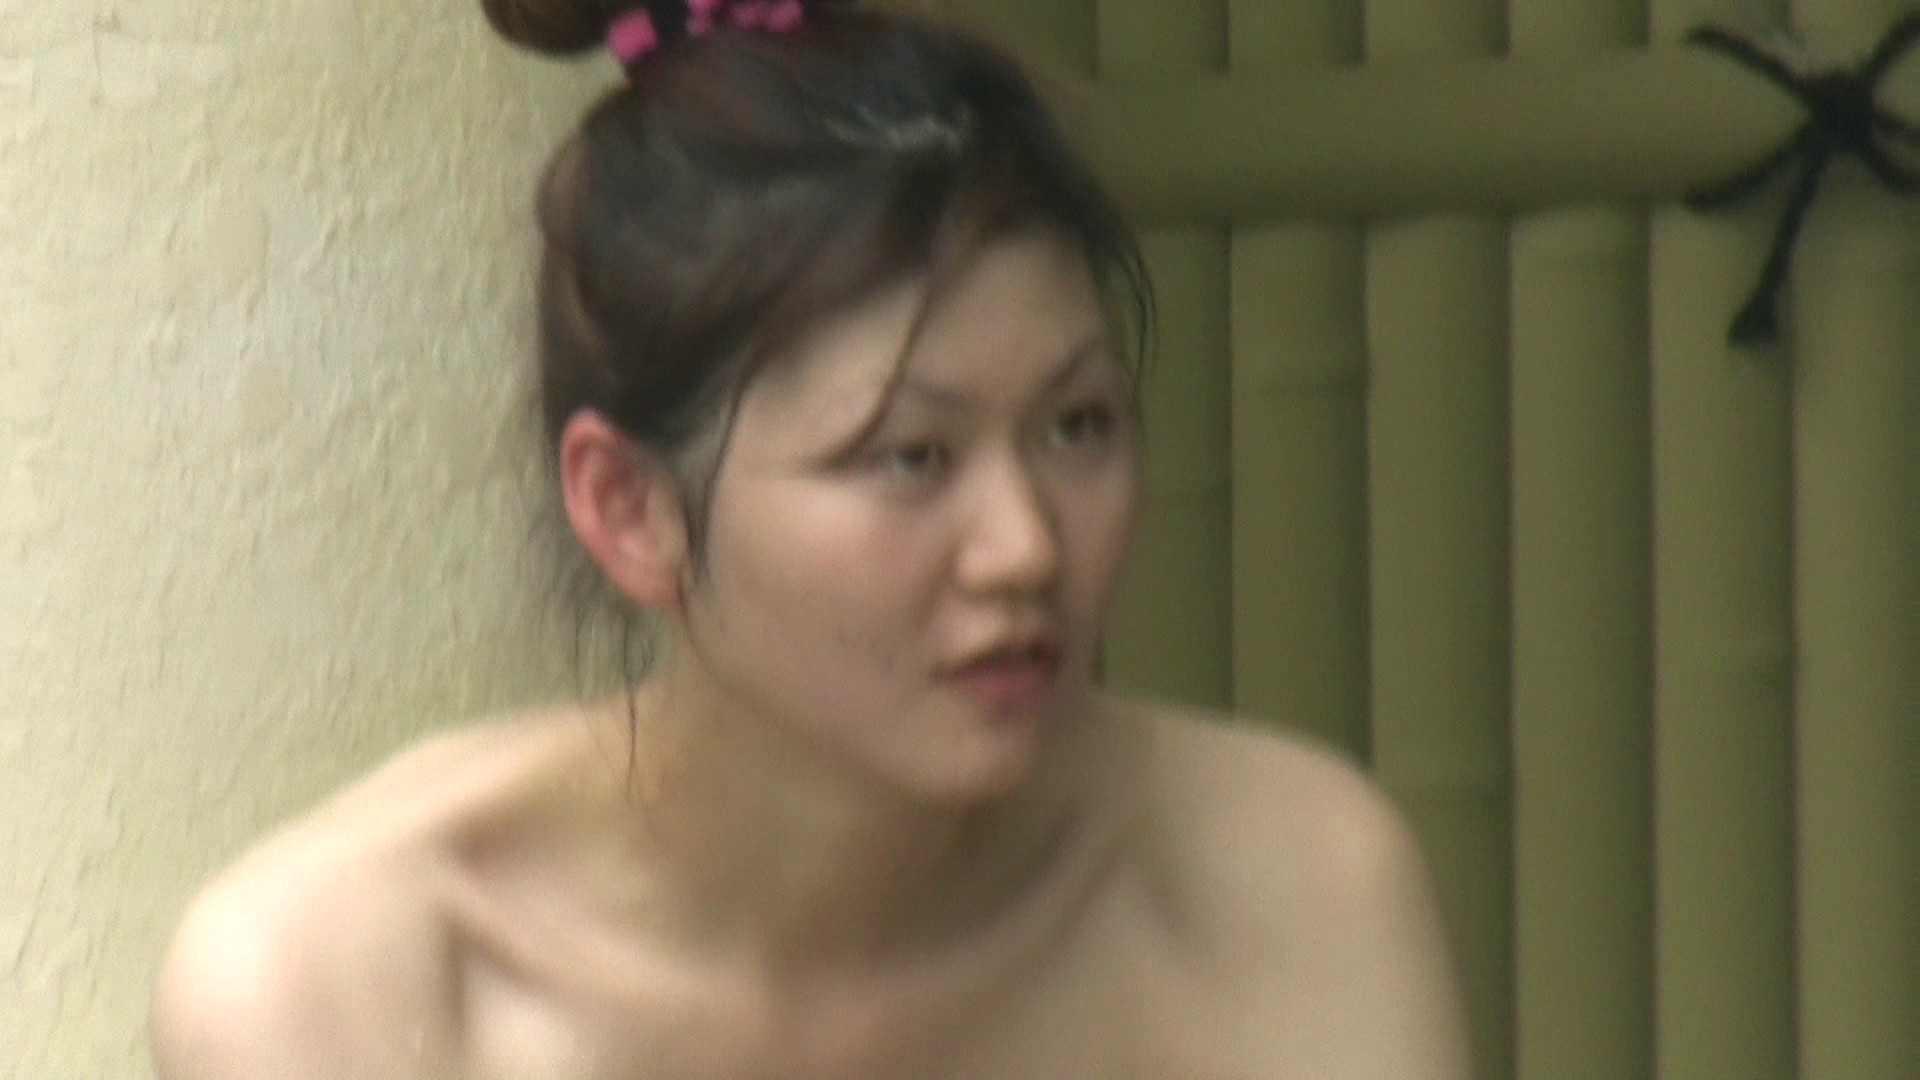 Aquaな露天風呂Vol.17【VIP】 盗撮 | 露天  89pic 40